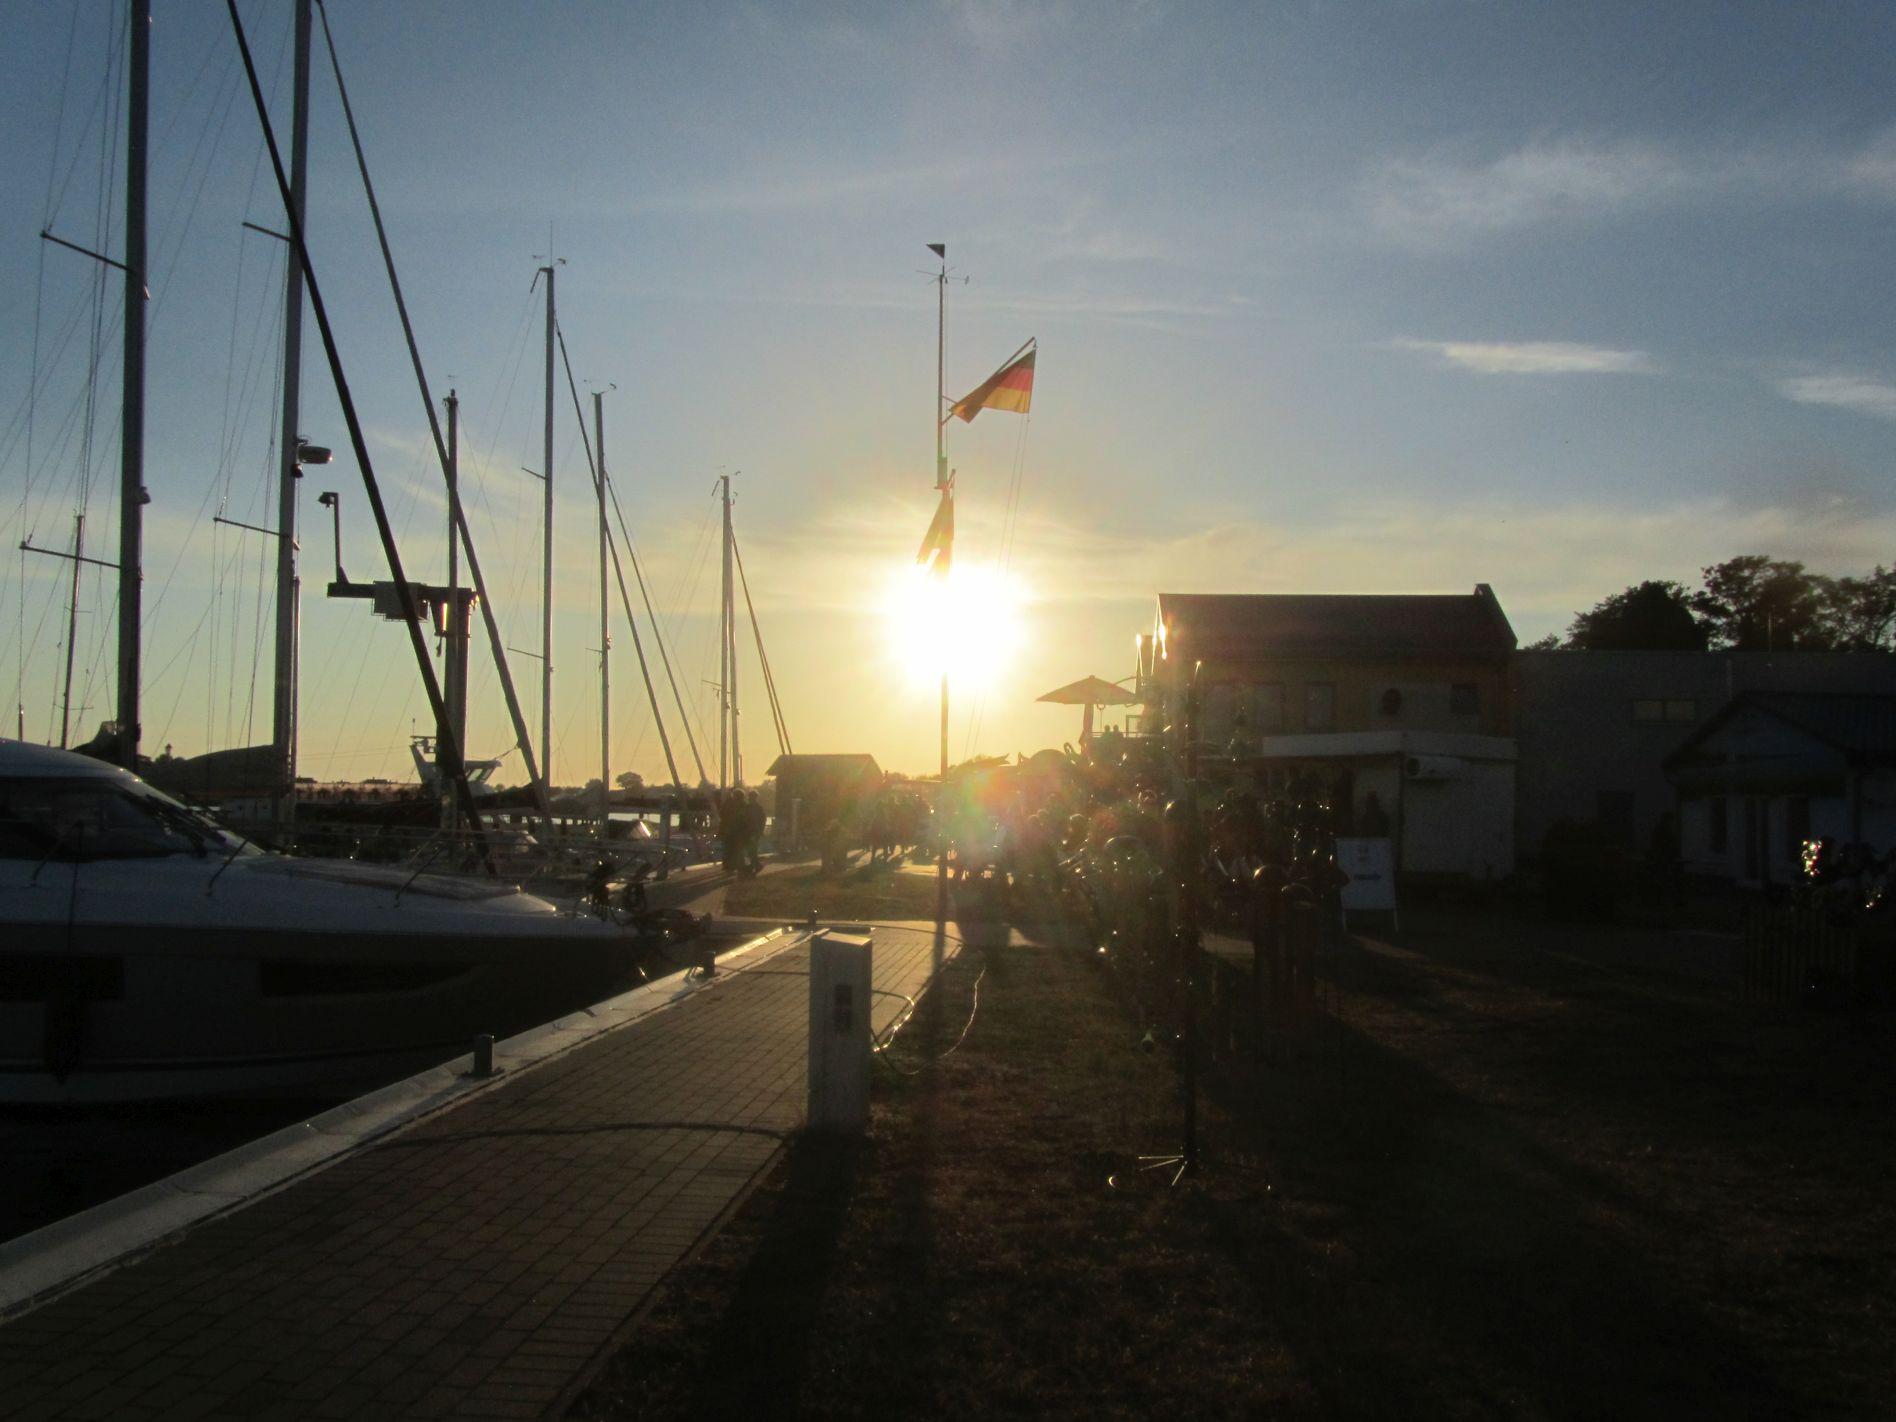 Yachtclub Zinnowitz